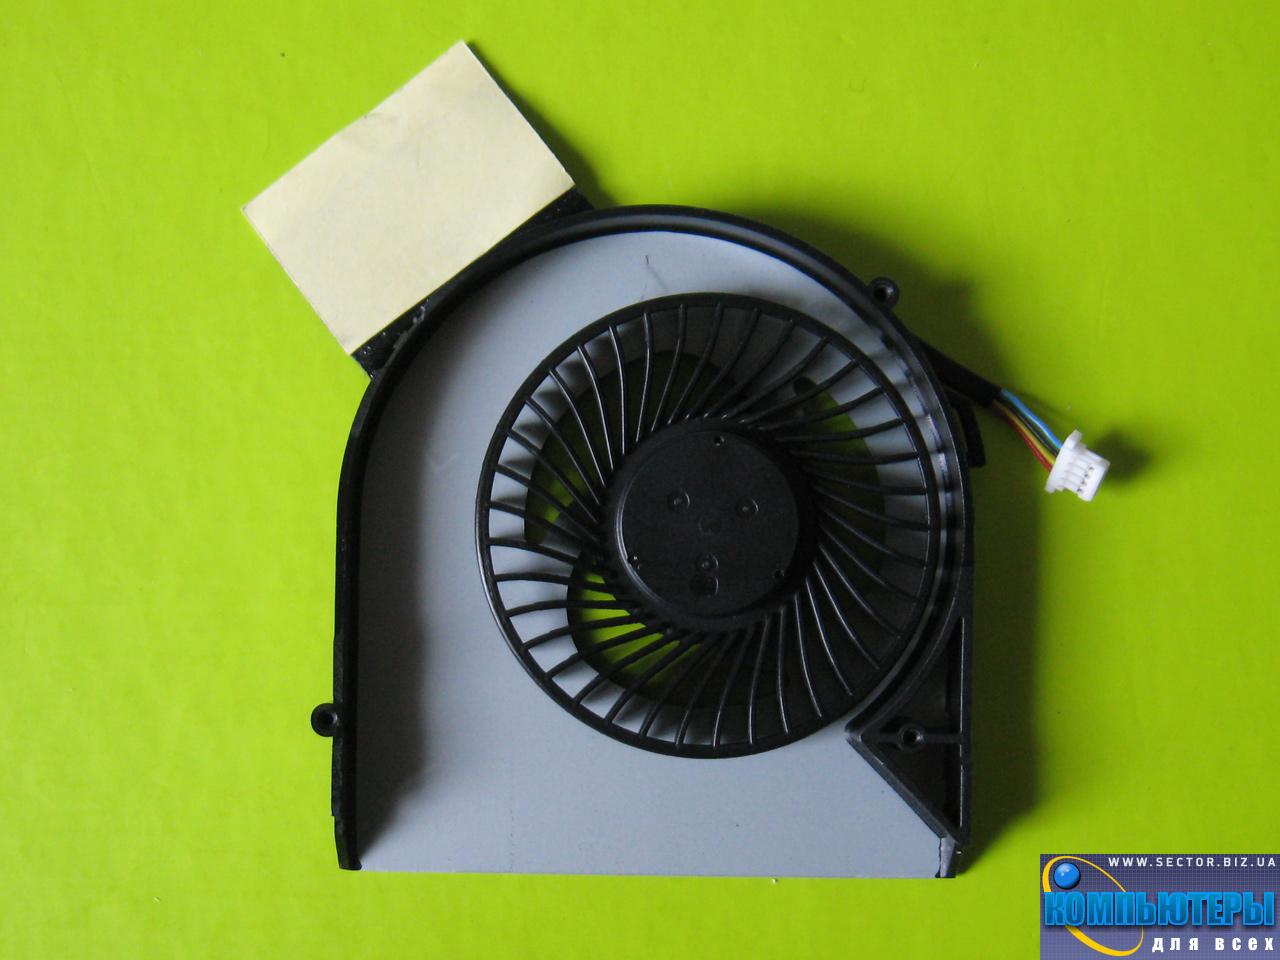 Кулер к ноутбуку Acer Aspire V5-471 V5-471G V5-531 V5-531G V5-571 V5-571G p/n: DFS481305MC0T FC38 23.10703.001. Фото № 2.